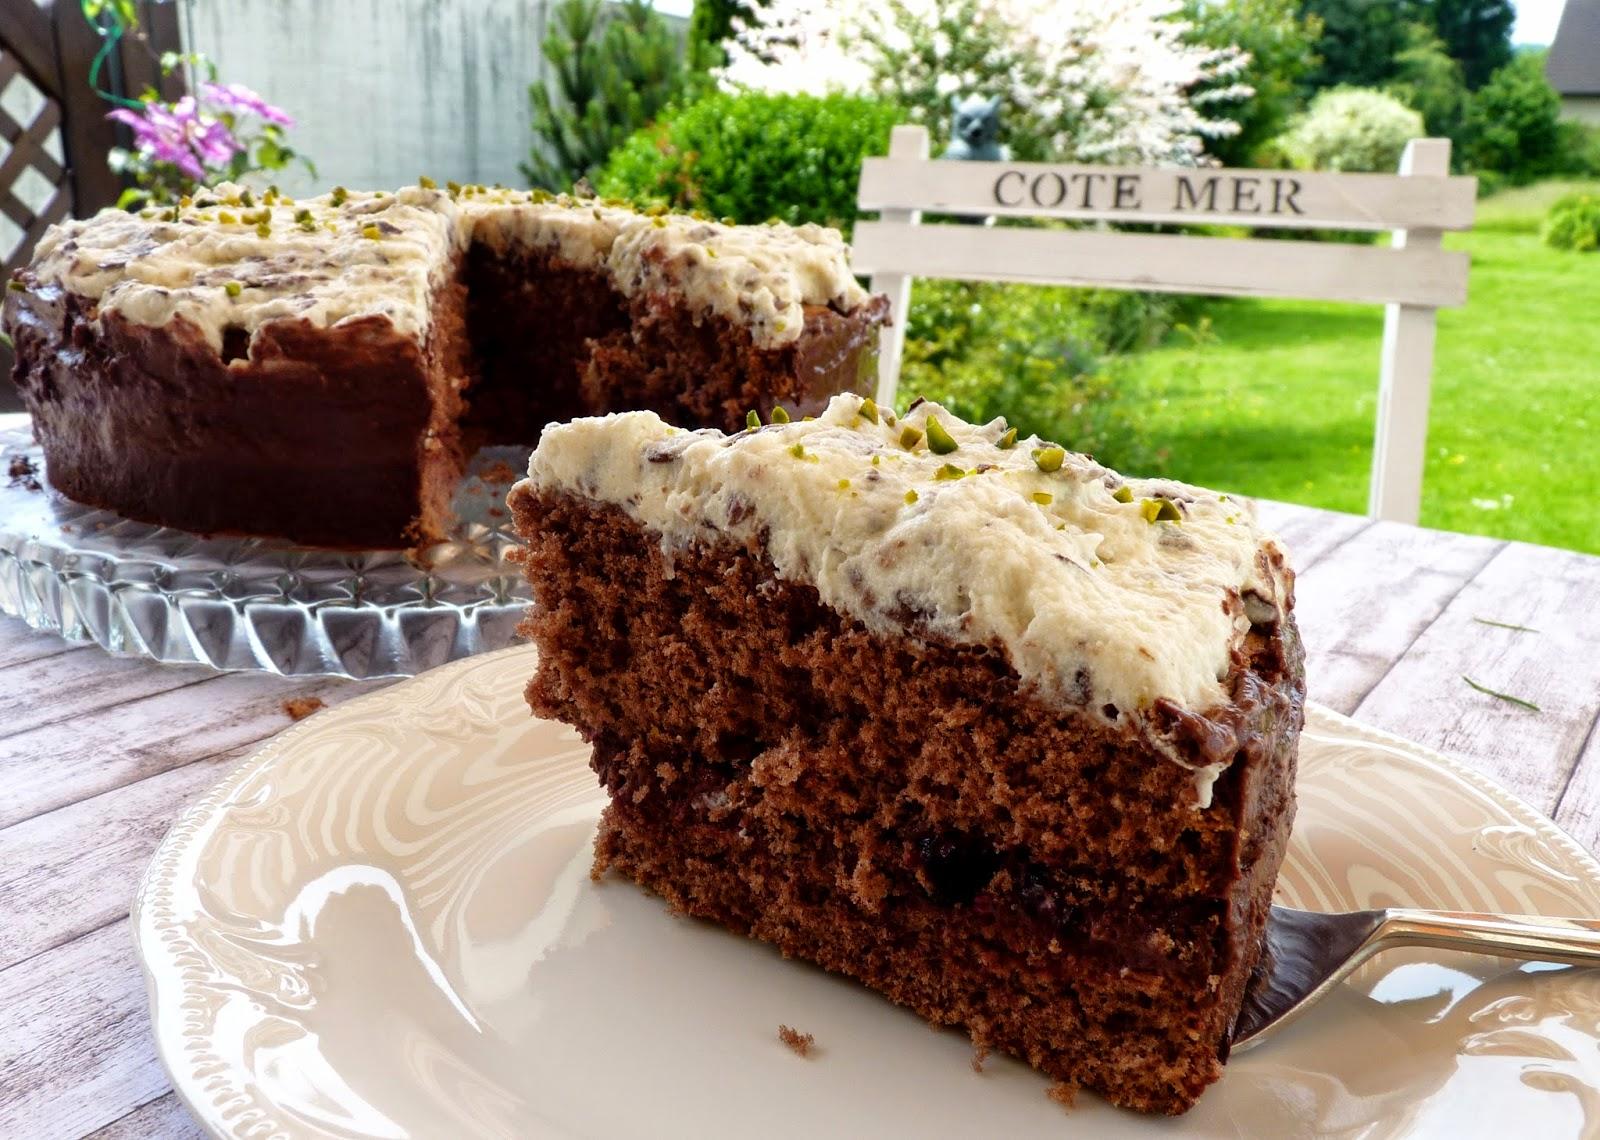 http://vieras-kitchen.blogspot.de/2014/06/kokos-schoko-traum-von-schokoladenfee.html